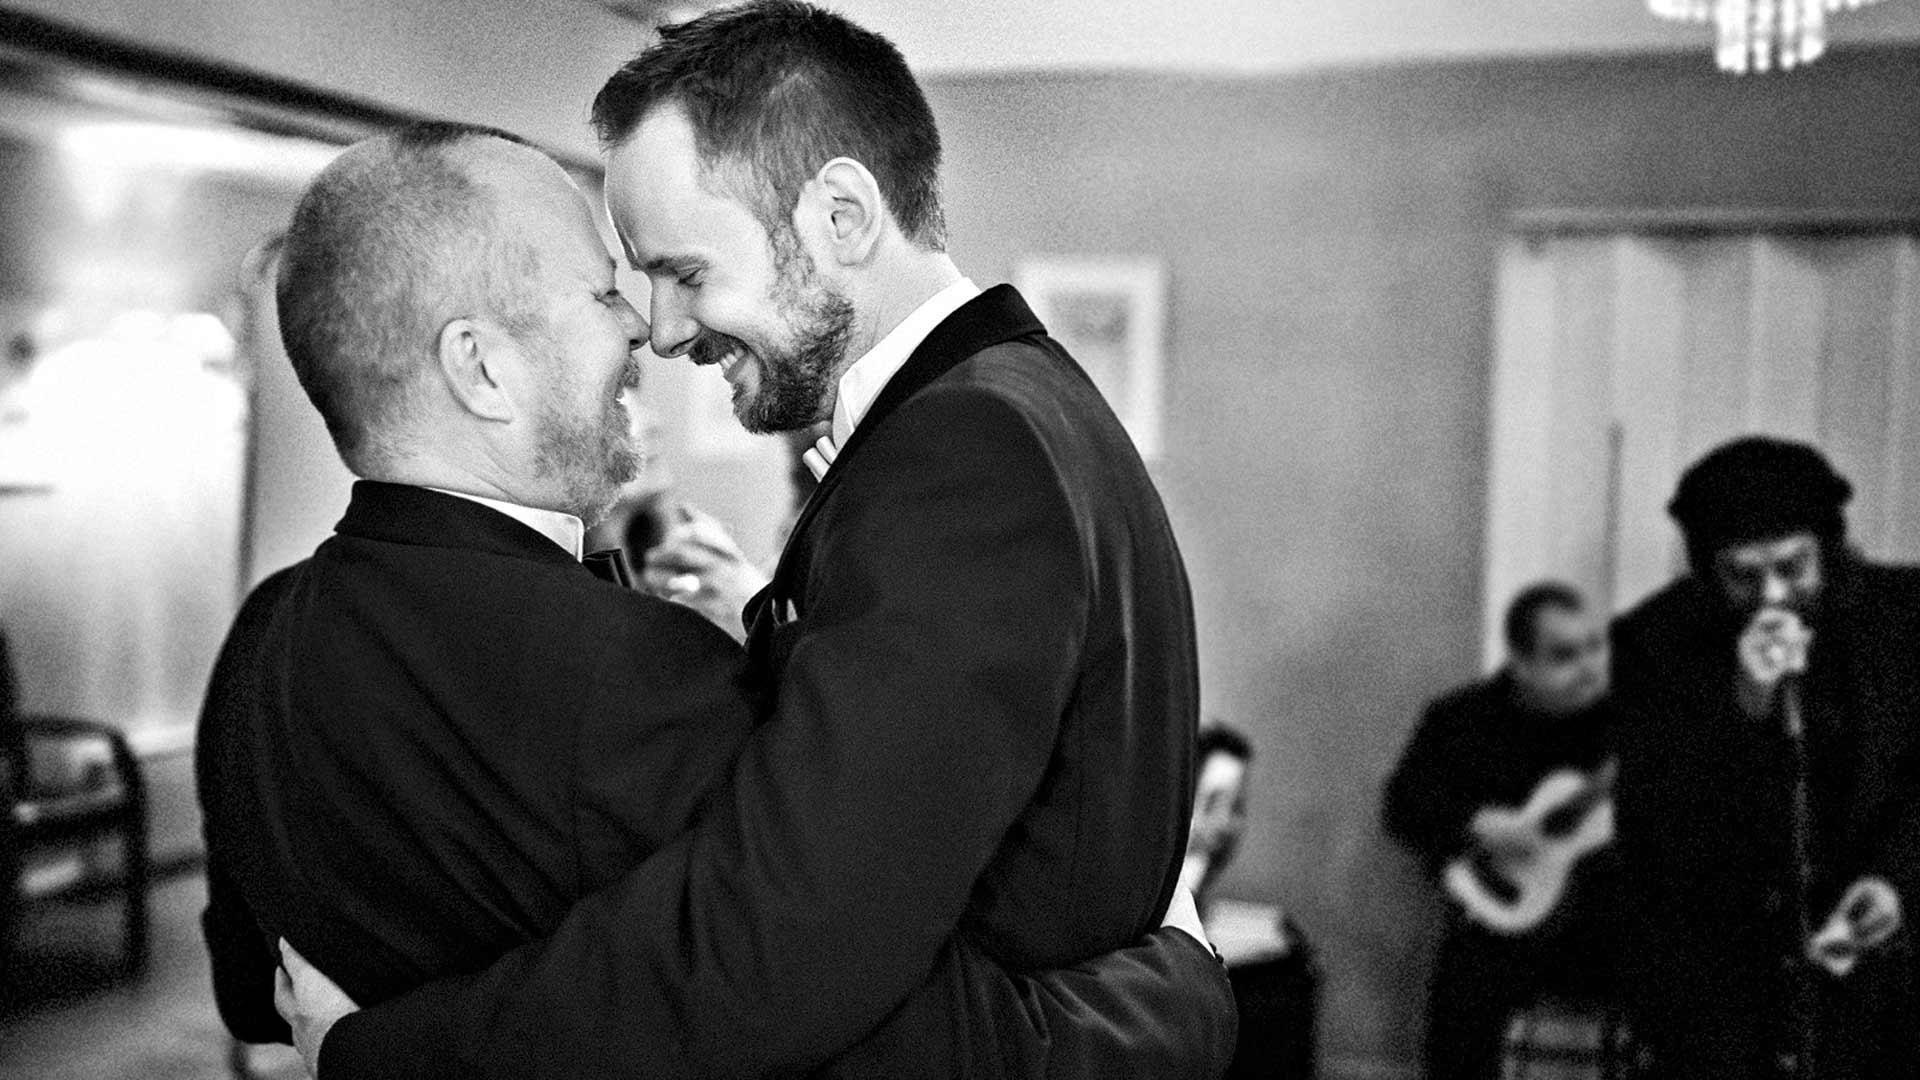 Häitä juhlittiin Samin ja Marekin tapaamisen vuosipäivänä 13.7. Vieraita oli ympäri maailmaa.